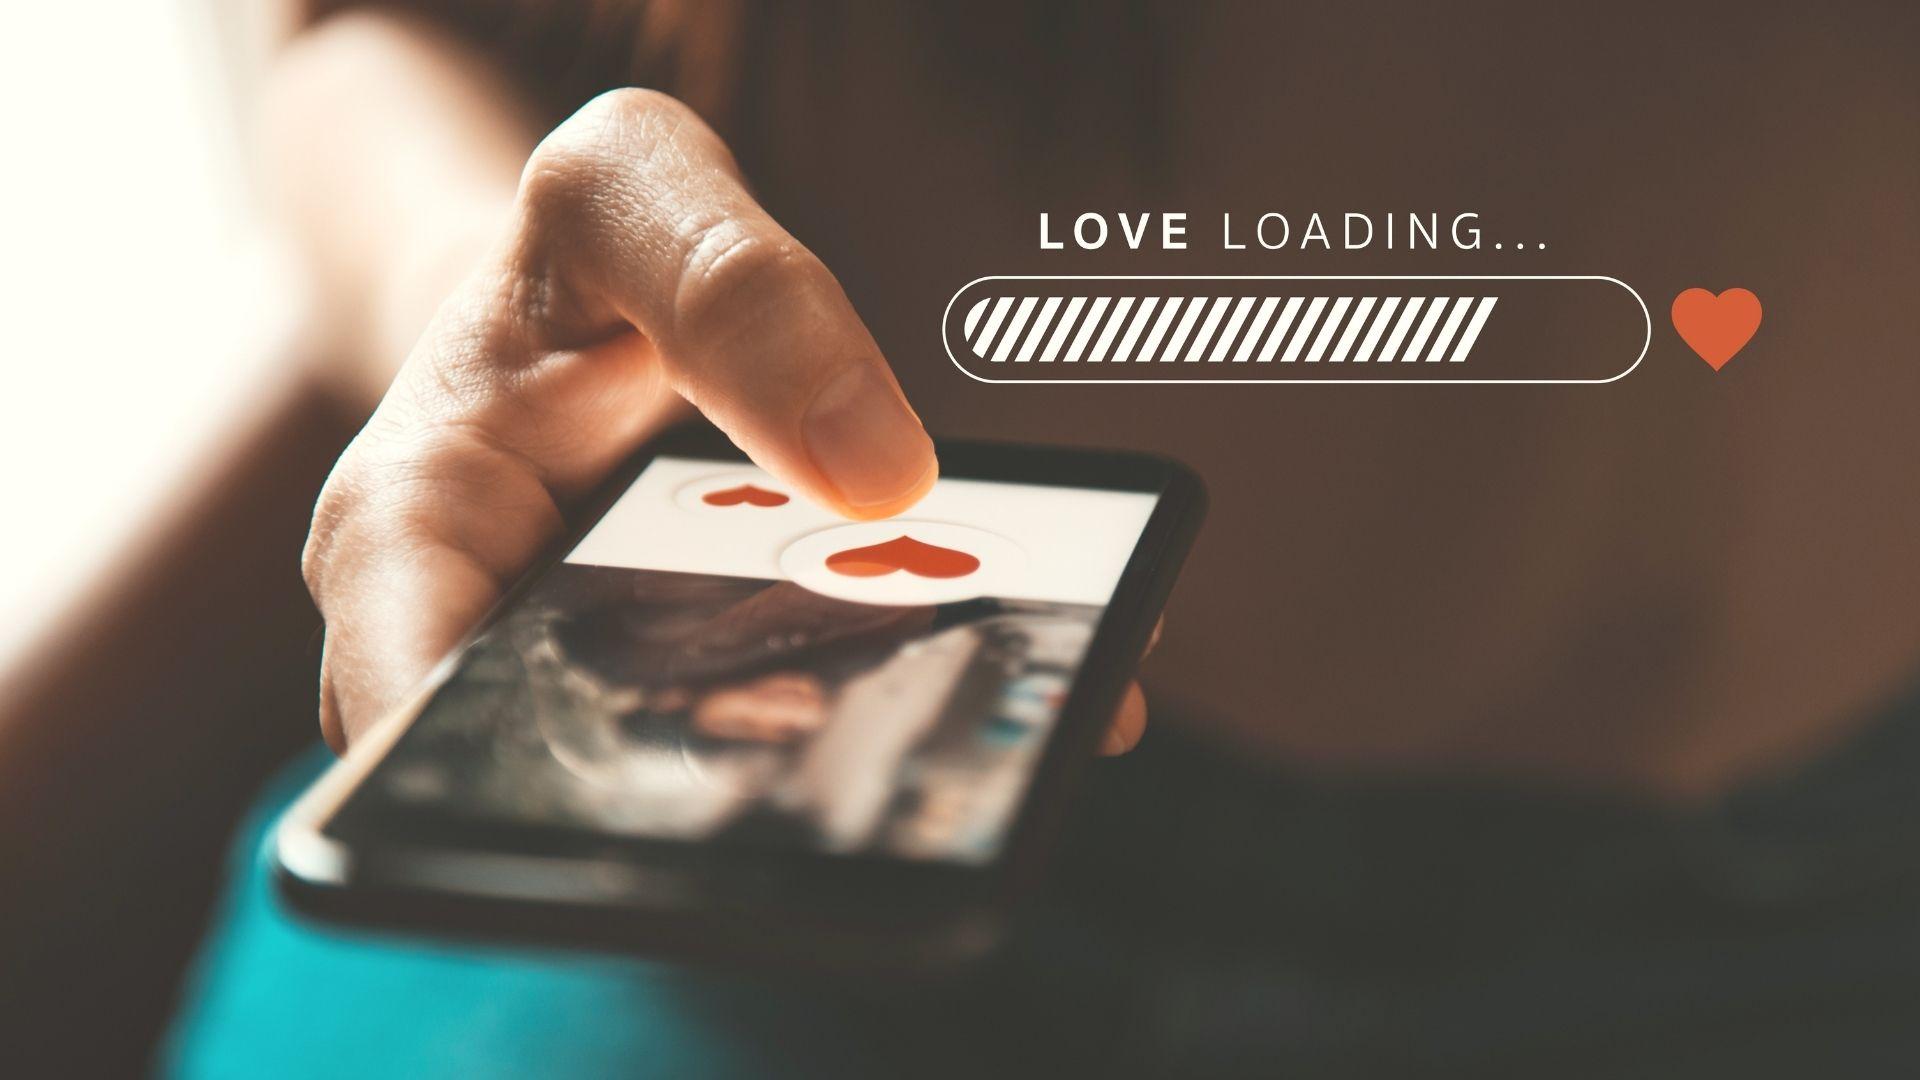 L'amore in pandemia è la fine delle dating app?